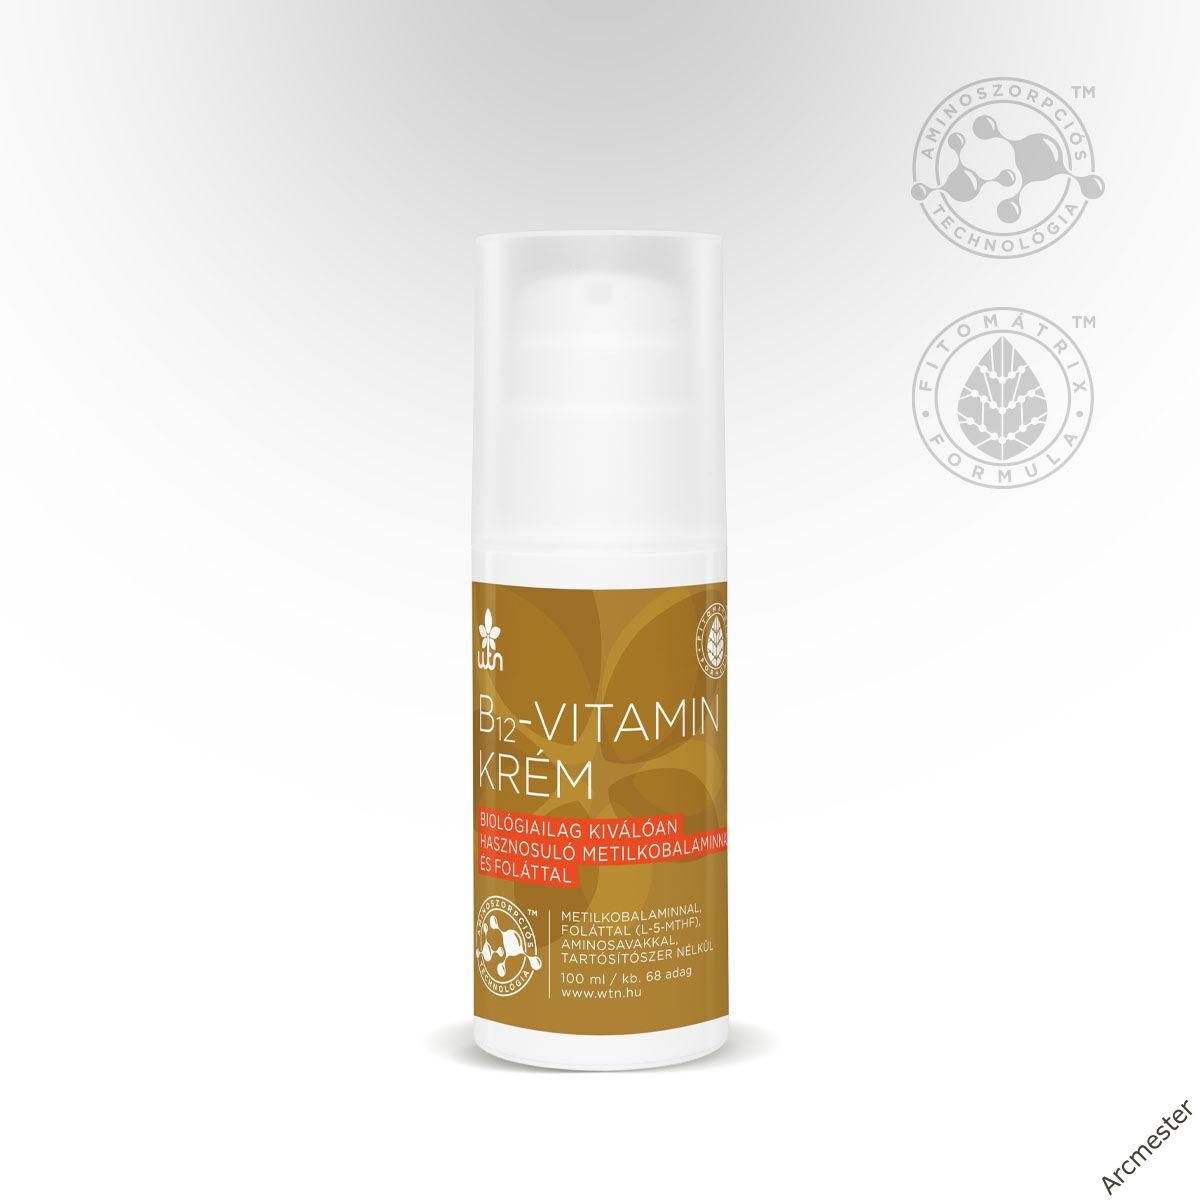 WTN B12-vitamin krém 100ml